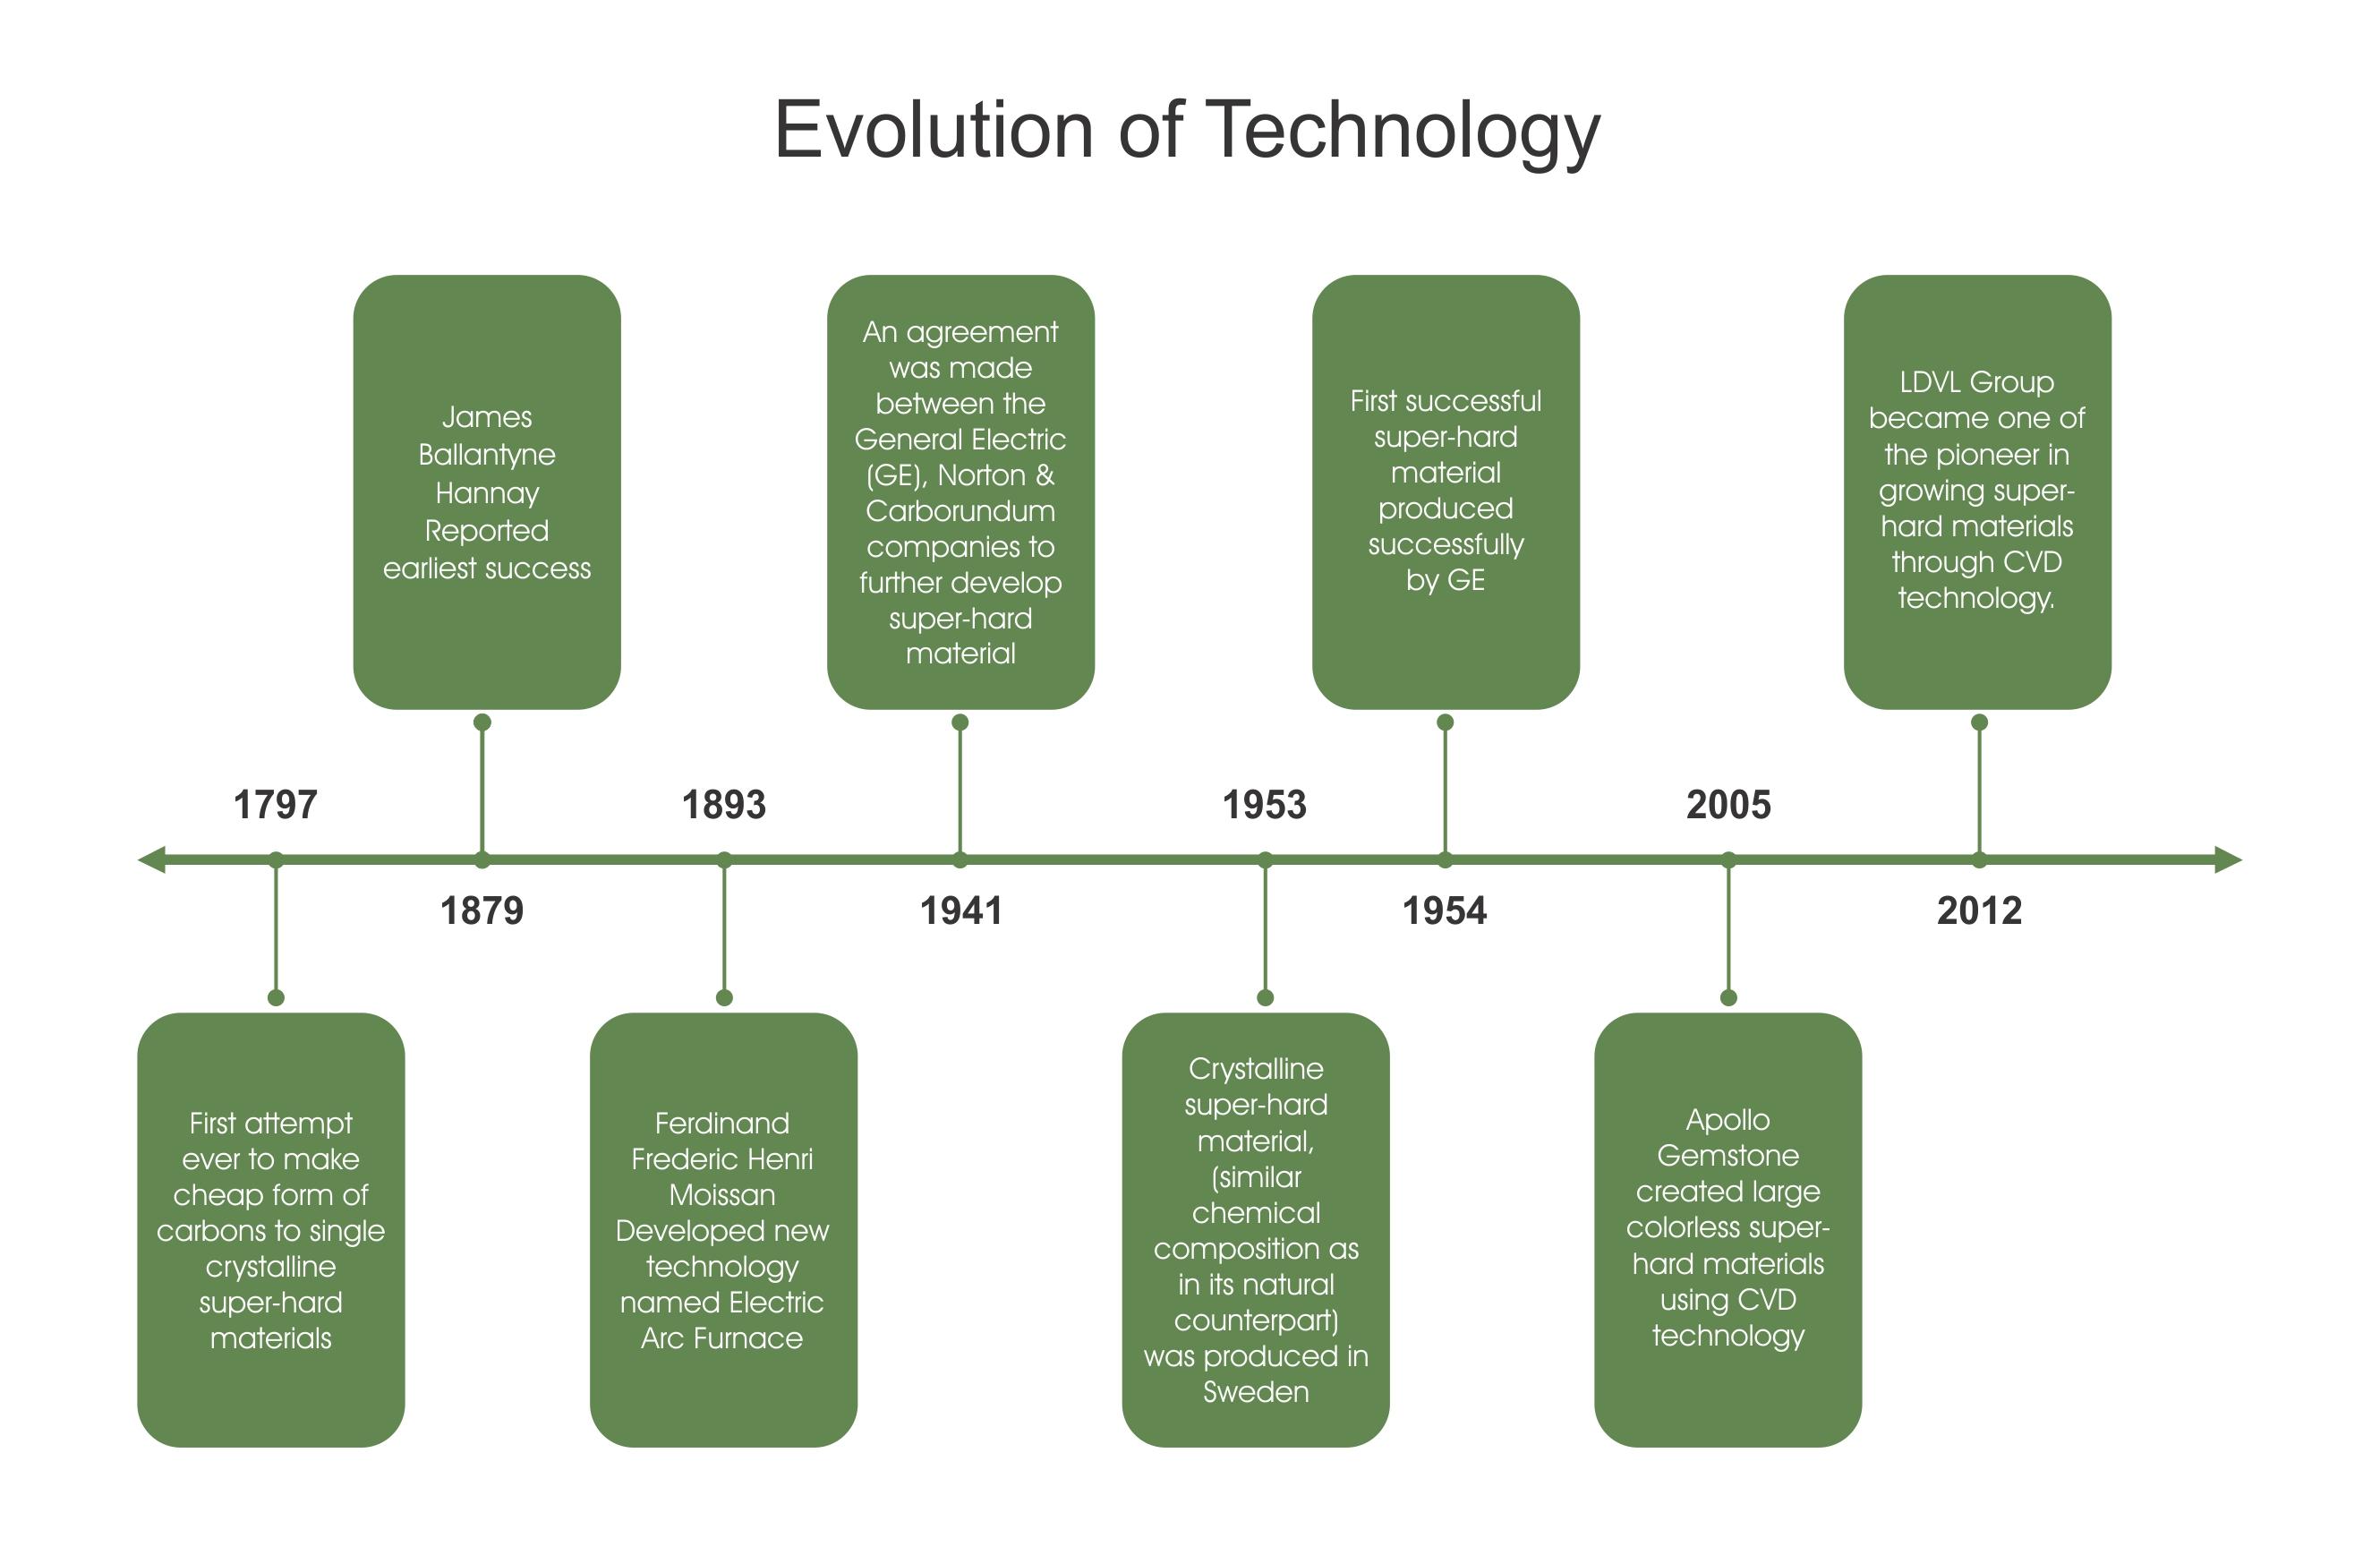 1- LDV - Evolution of Technology